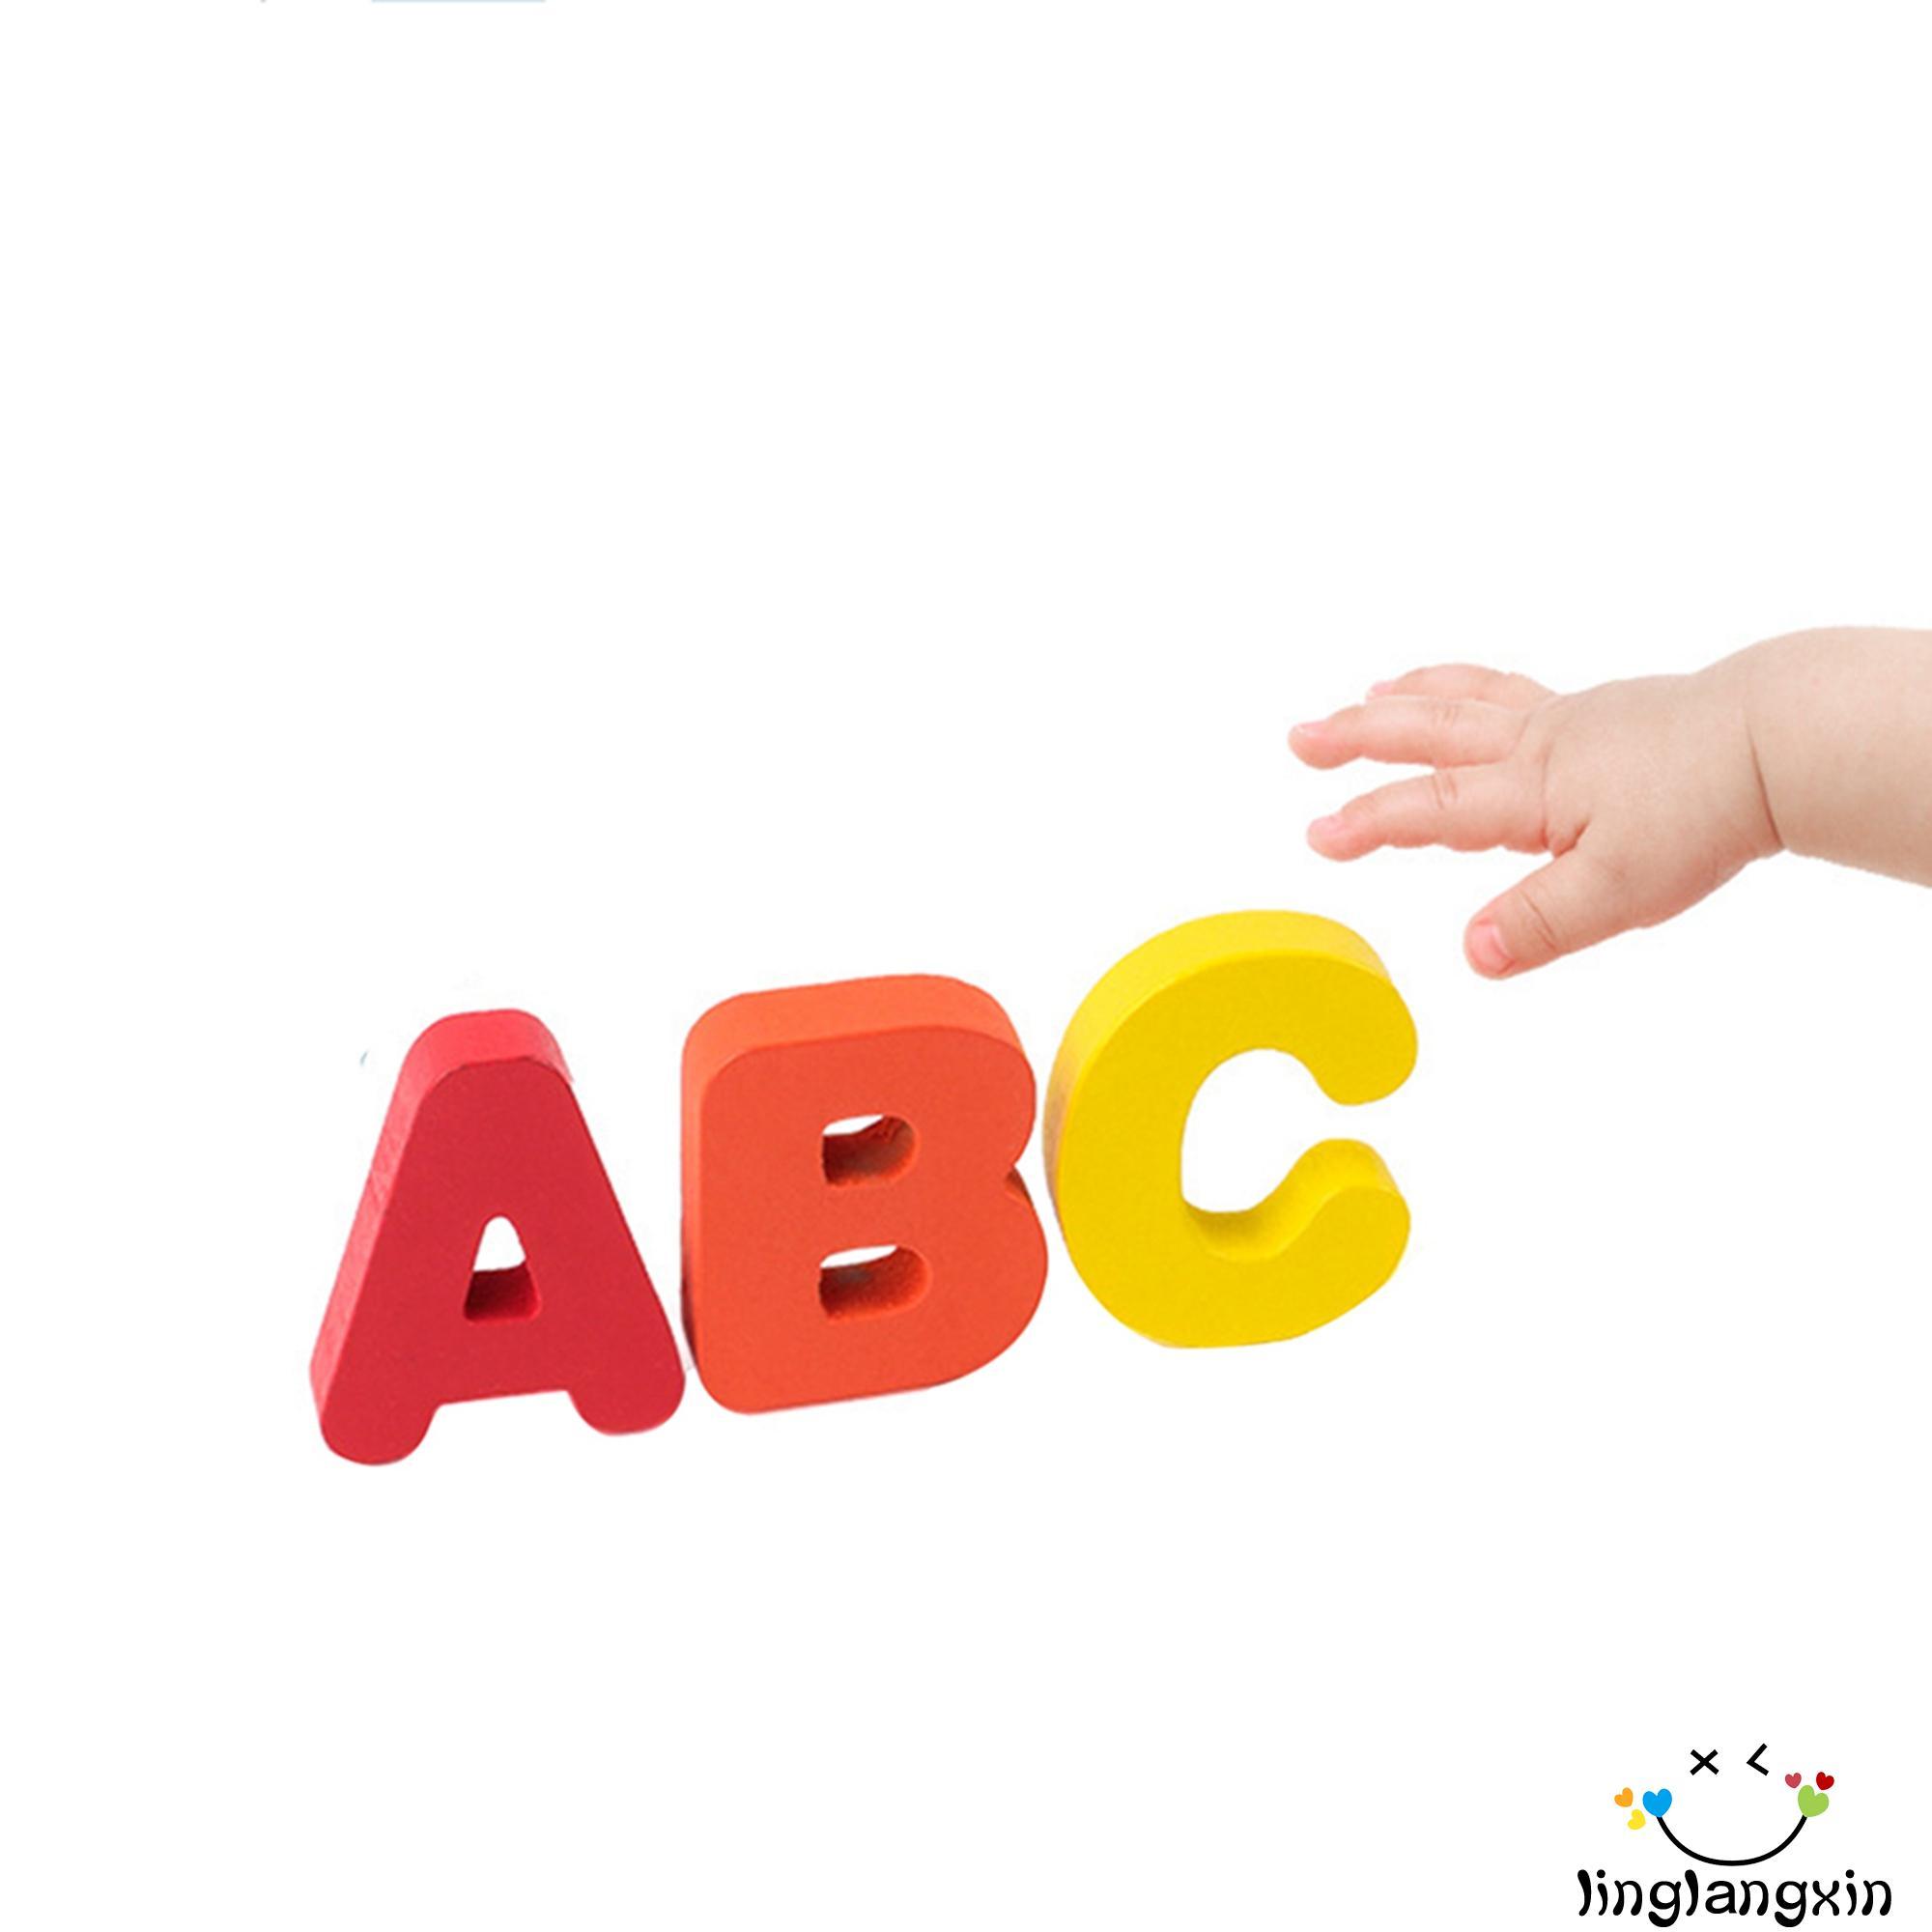 Bộ Lắp Ghép Gỗ Đa Năng Cho Trẻ Em